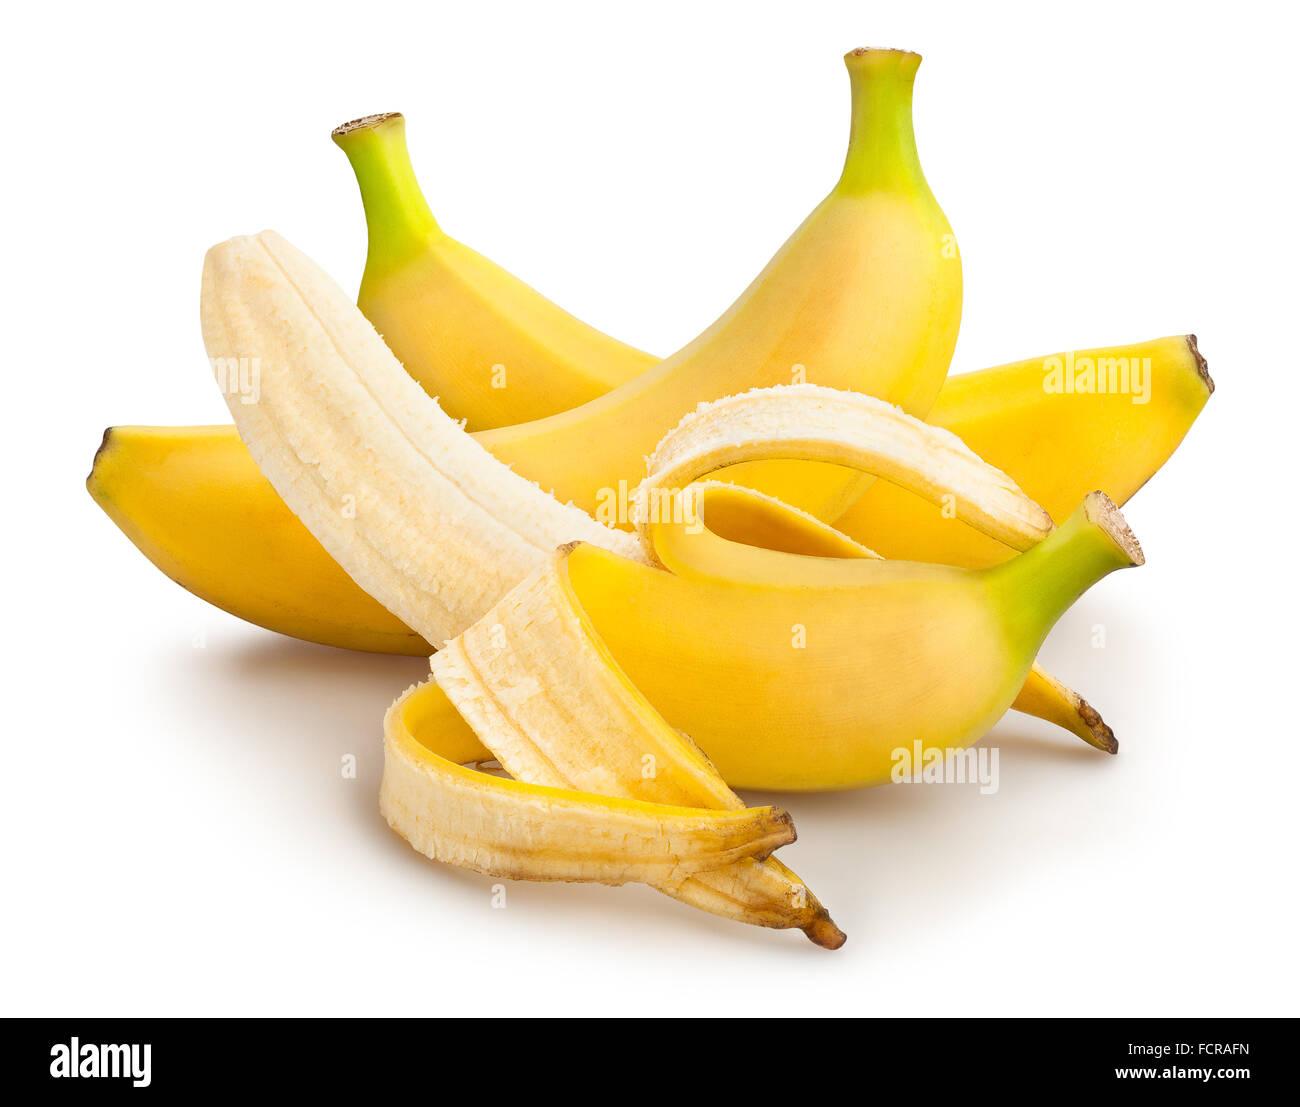 Bananen-isoliert Stockbild